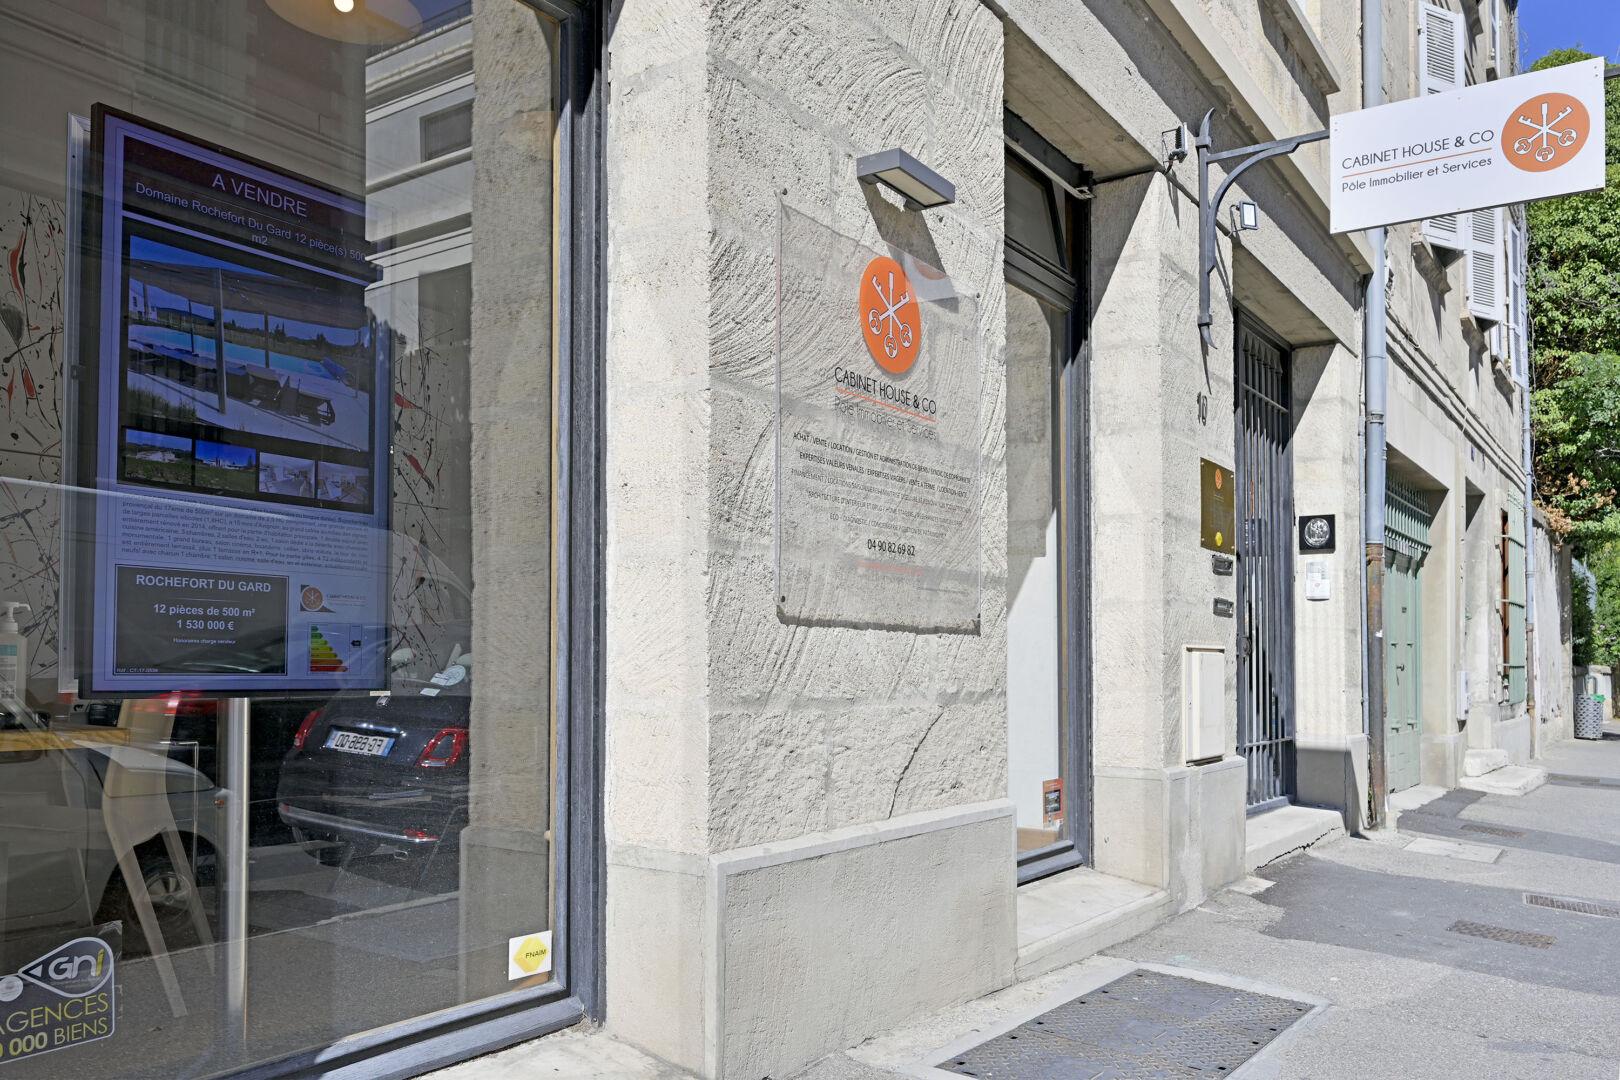 House & Co s'engage pour l'attractivité du territoire d'Avignon